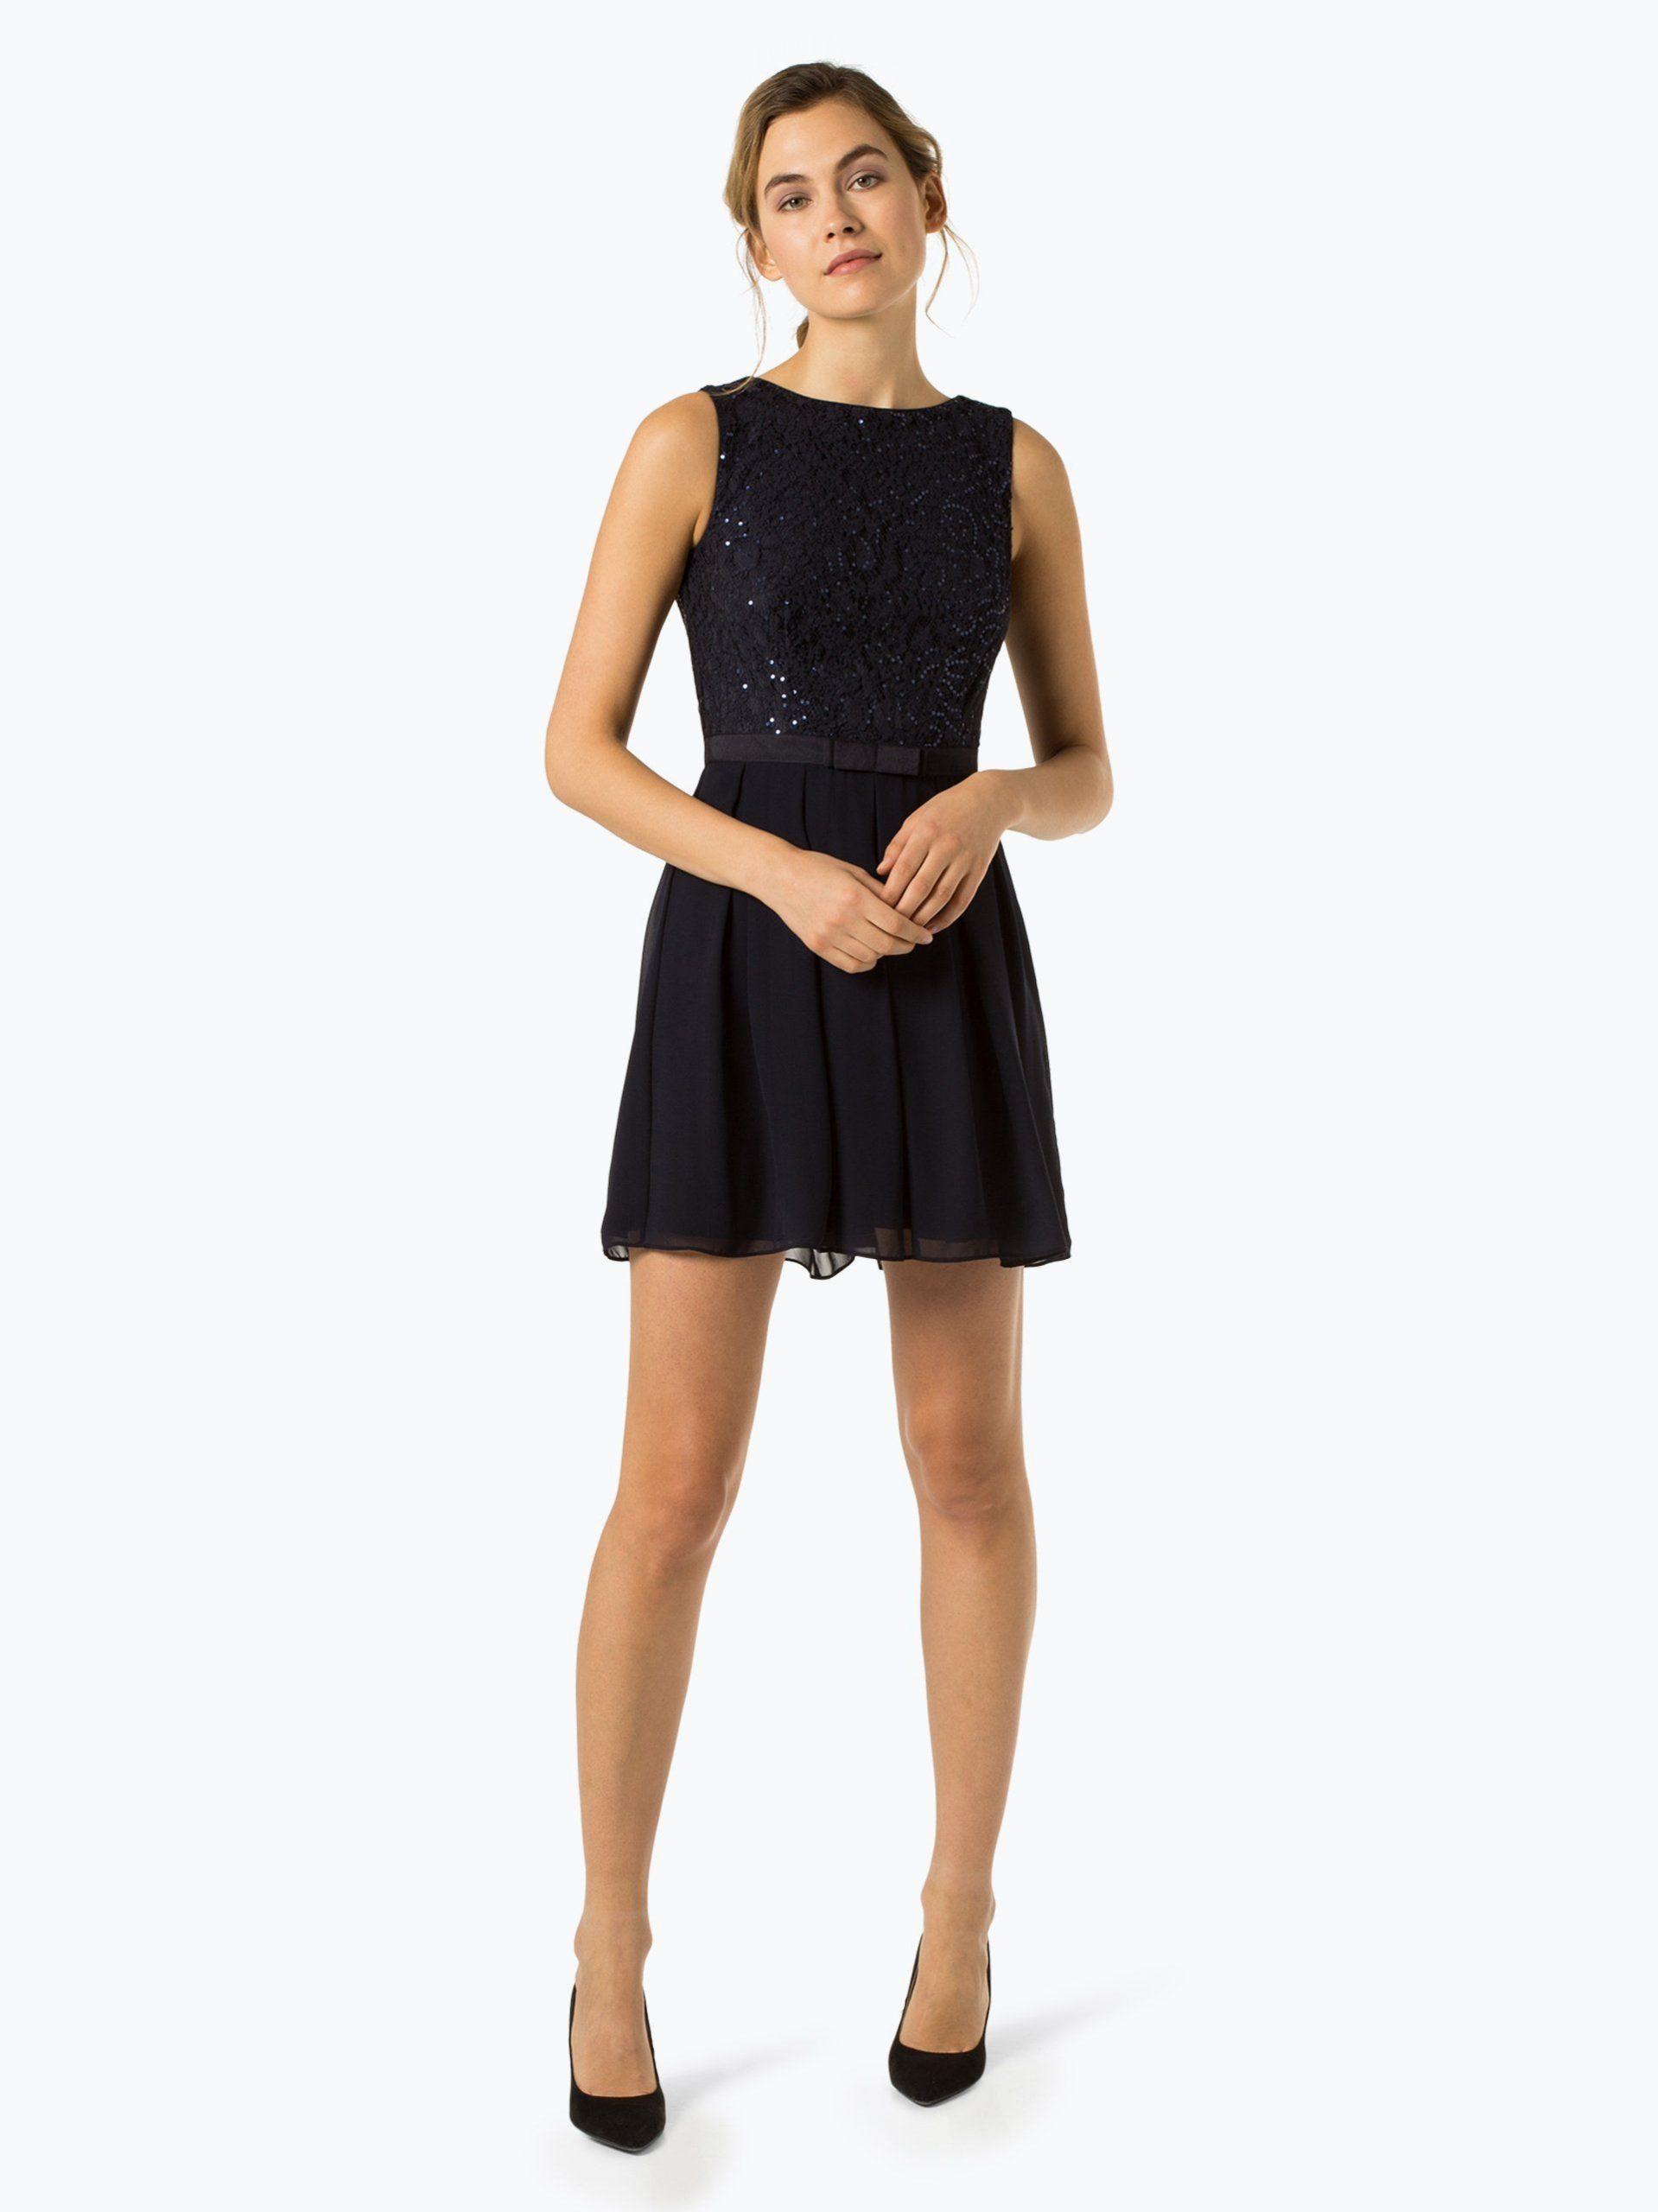 10 Luxus Marie Lund Damen Abendkleid DesignFormal Spektakulär Marie Lund Damen Abendkleid Stylish